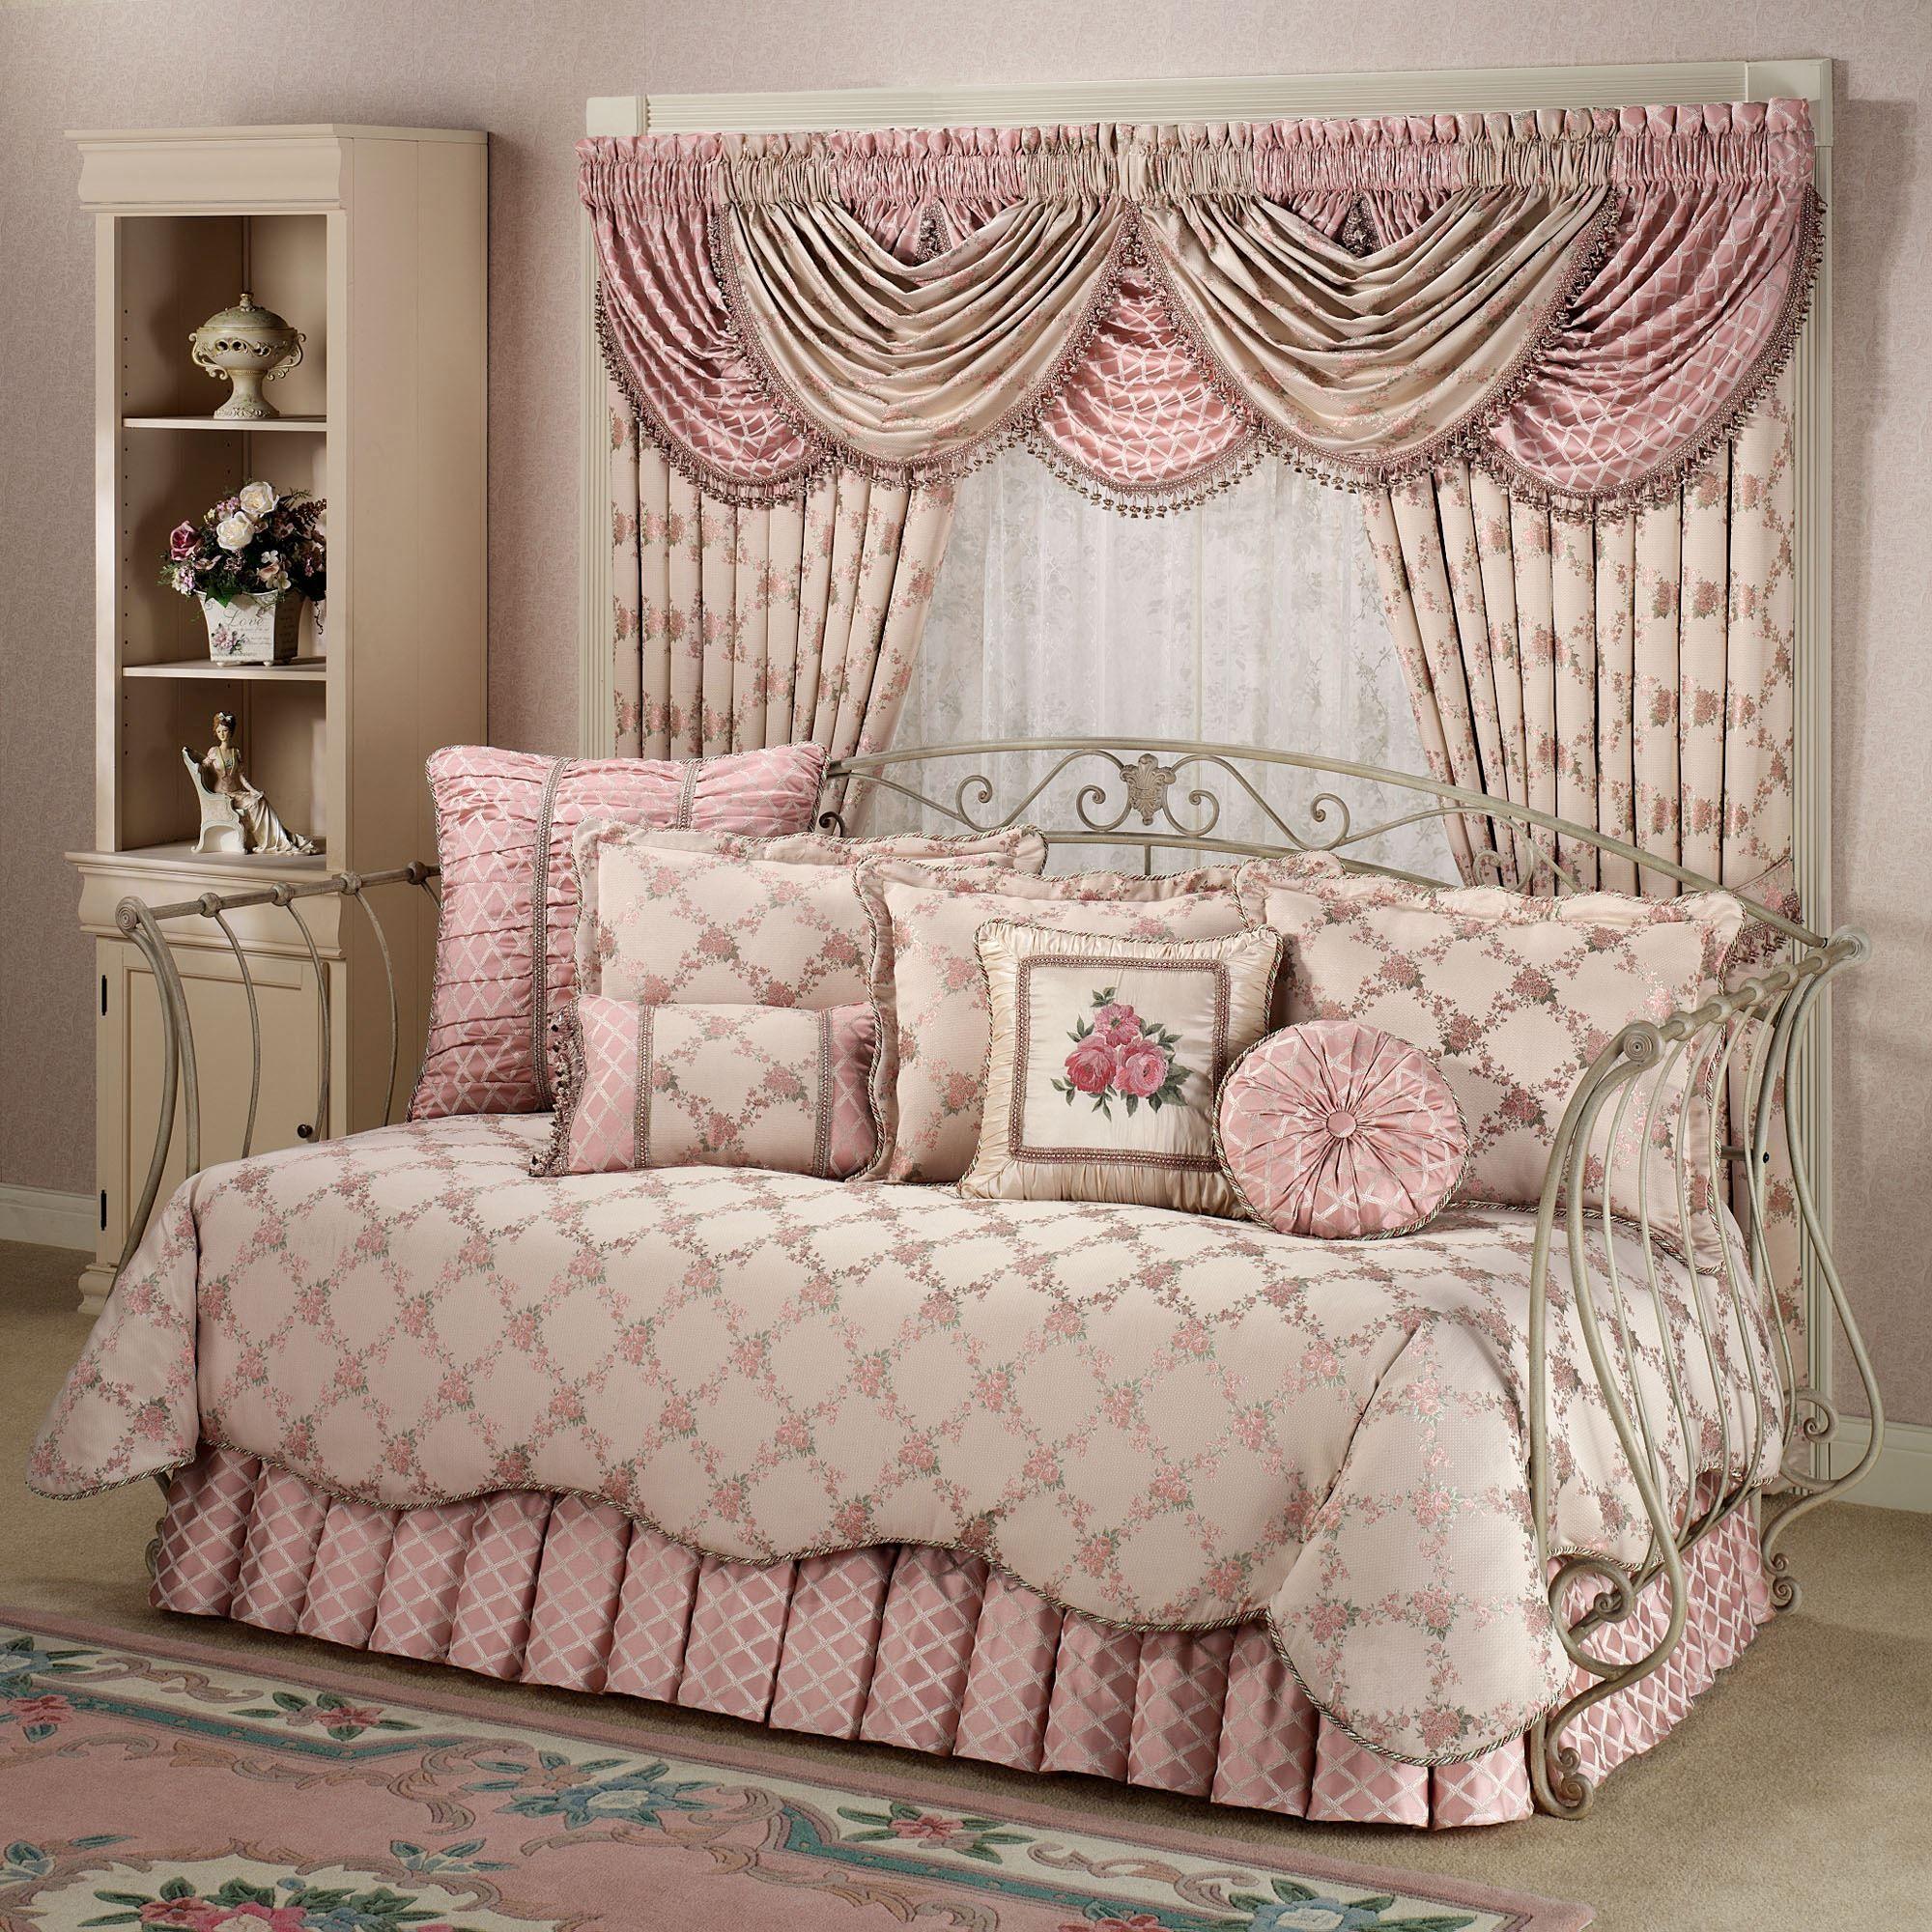 Floral Trellis Daybed Set Daybed Bedding Sets Daybed Bedding Daybed Covers Daybed with trundle bedding sets